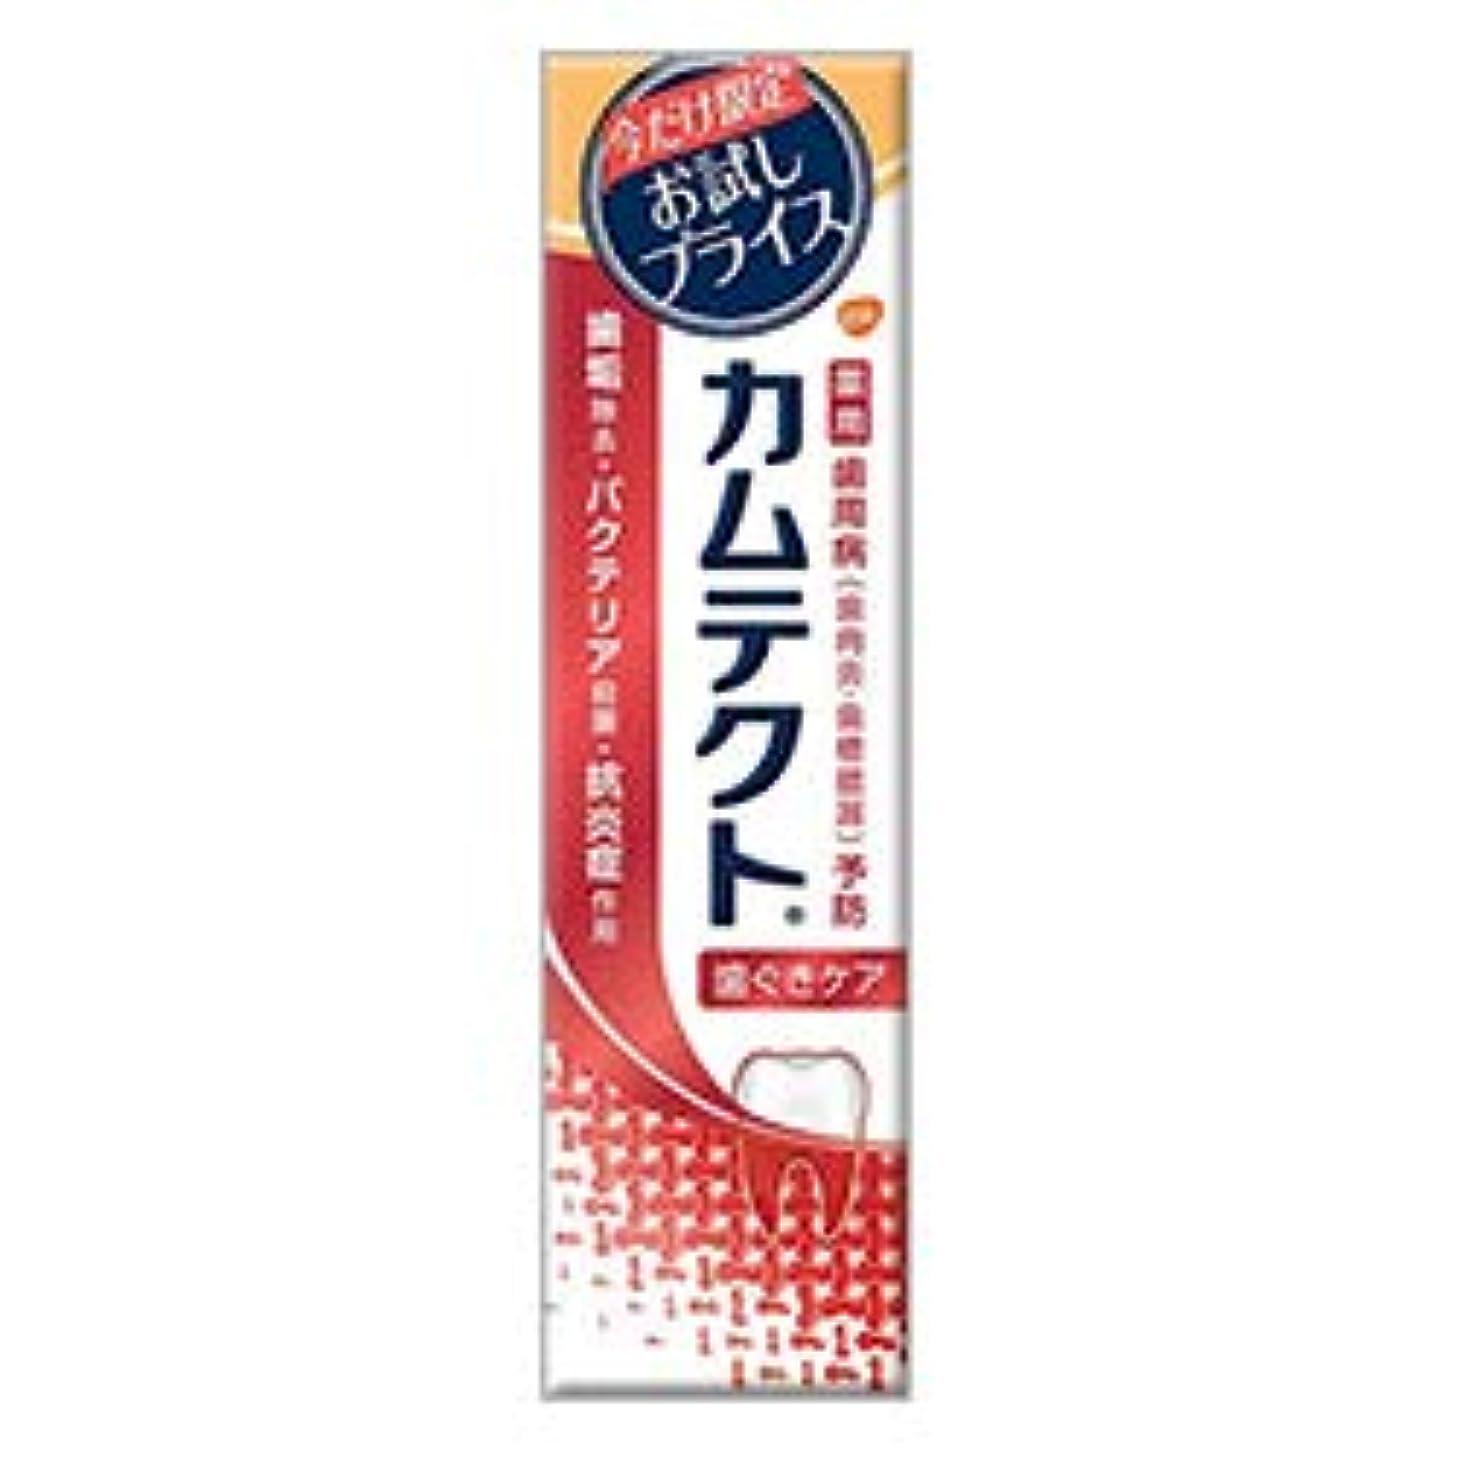 困惑した療法欲求不満【アース製薬】カムテクト 歯ぐきケア 限定お試し版 105g [医薬部外品] ×3個セット